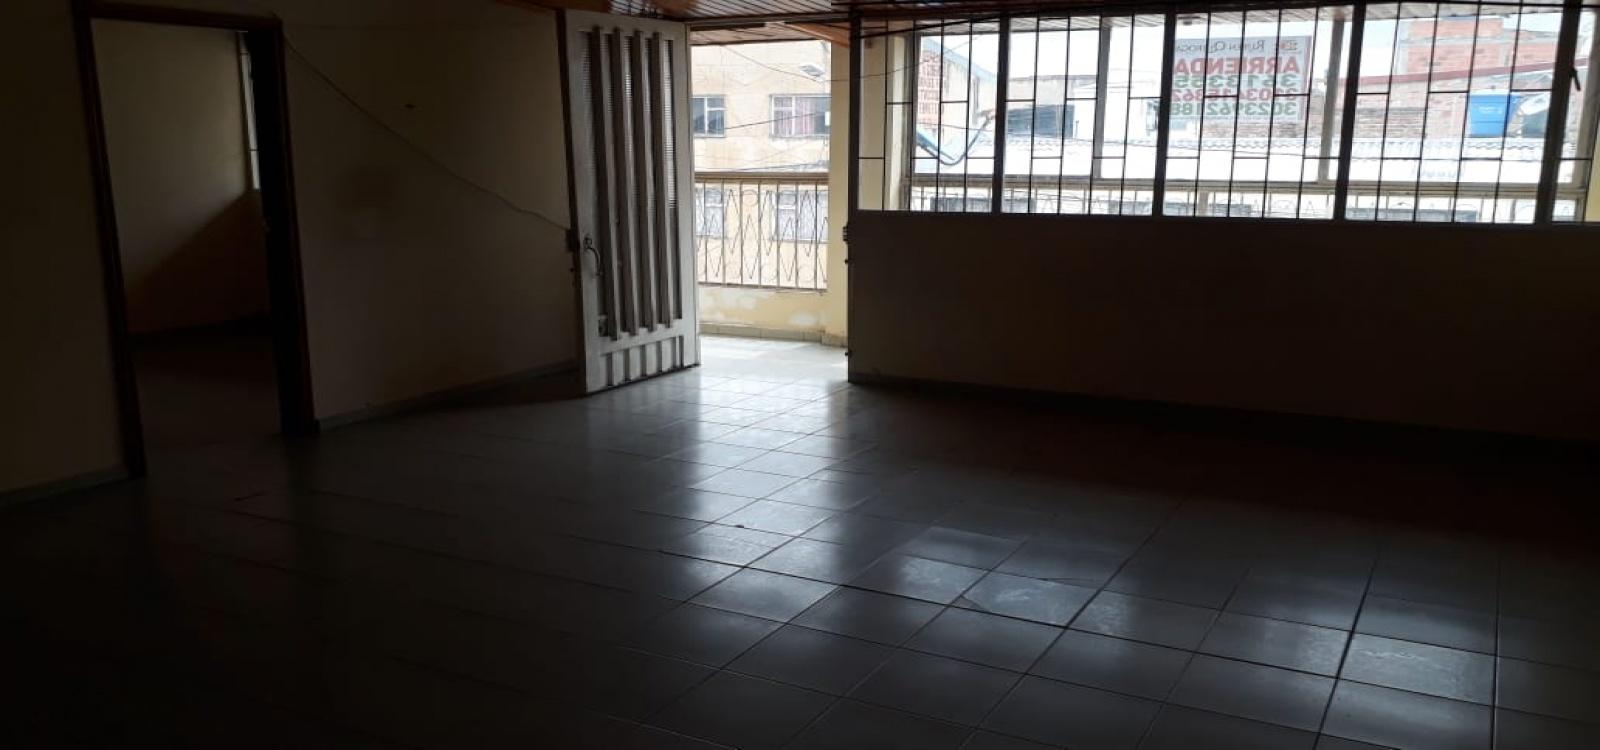 26 A 15 1 B,Bogotá,Sur,Santa Isabel,4 Habitaciones Habitaciones,1 BañoLavabos,Apartamentos,1 B ,1693